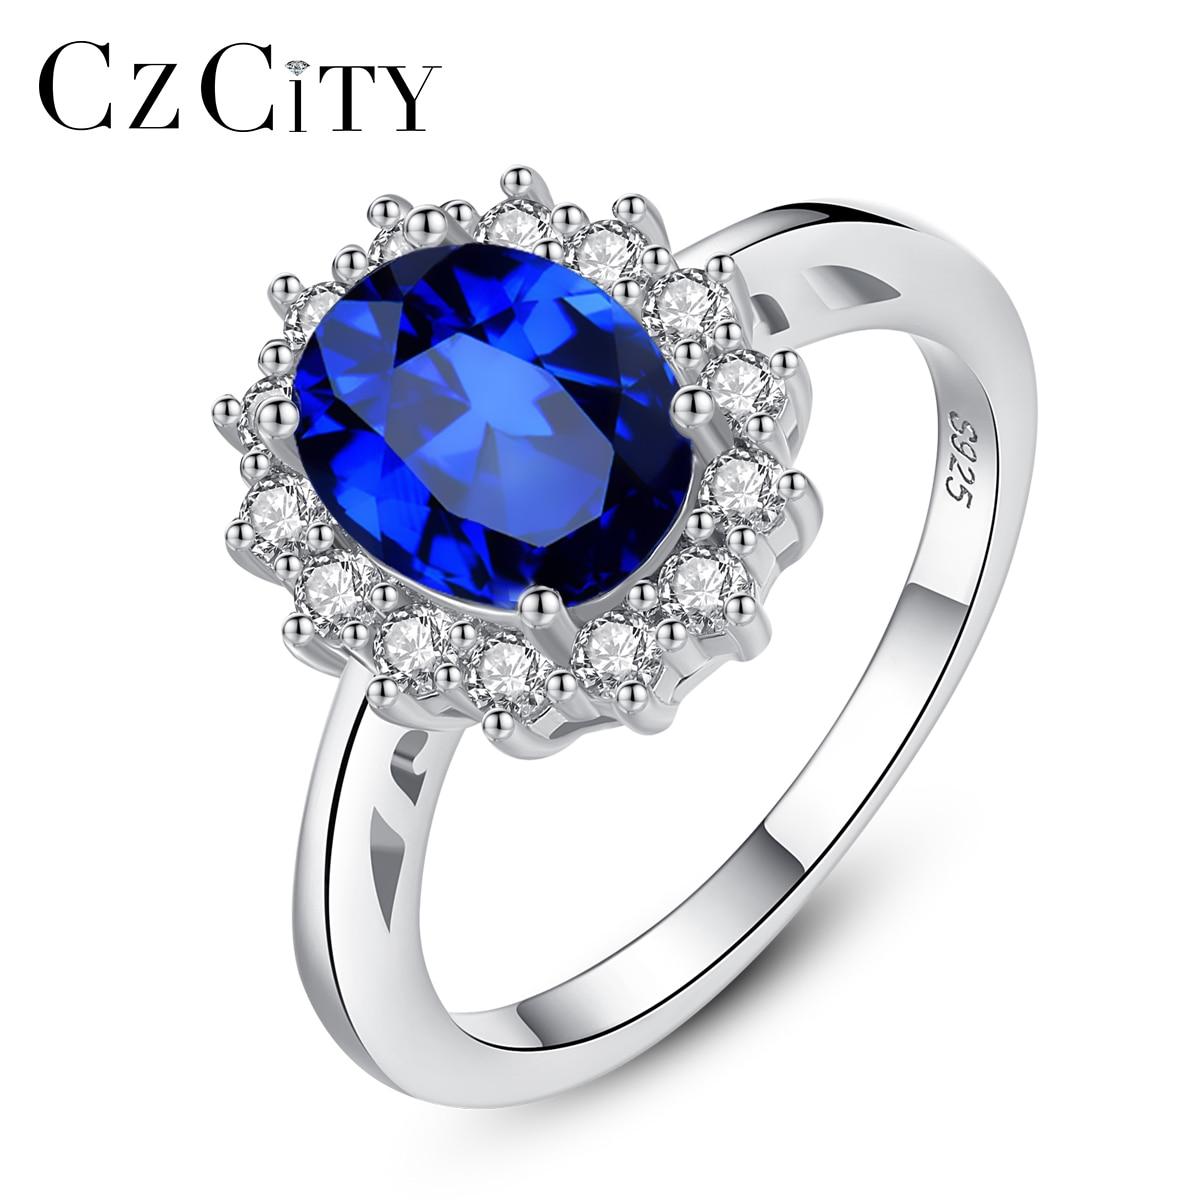 CZCITY Princesa Diana William Kate anillos de piedras preciosas de zafiro azul de compromiso de boda de anillo de dedo de Plata de Ley 925 para mujer